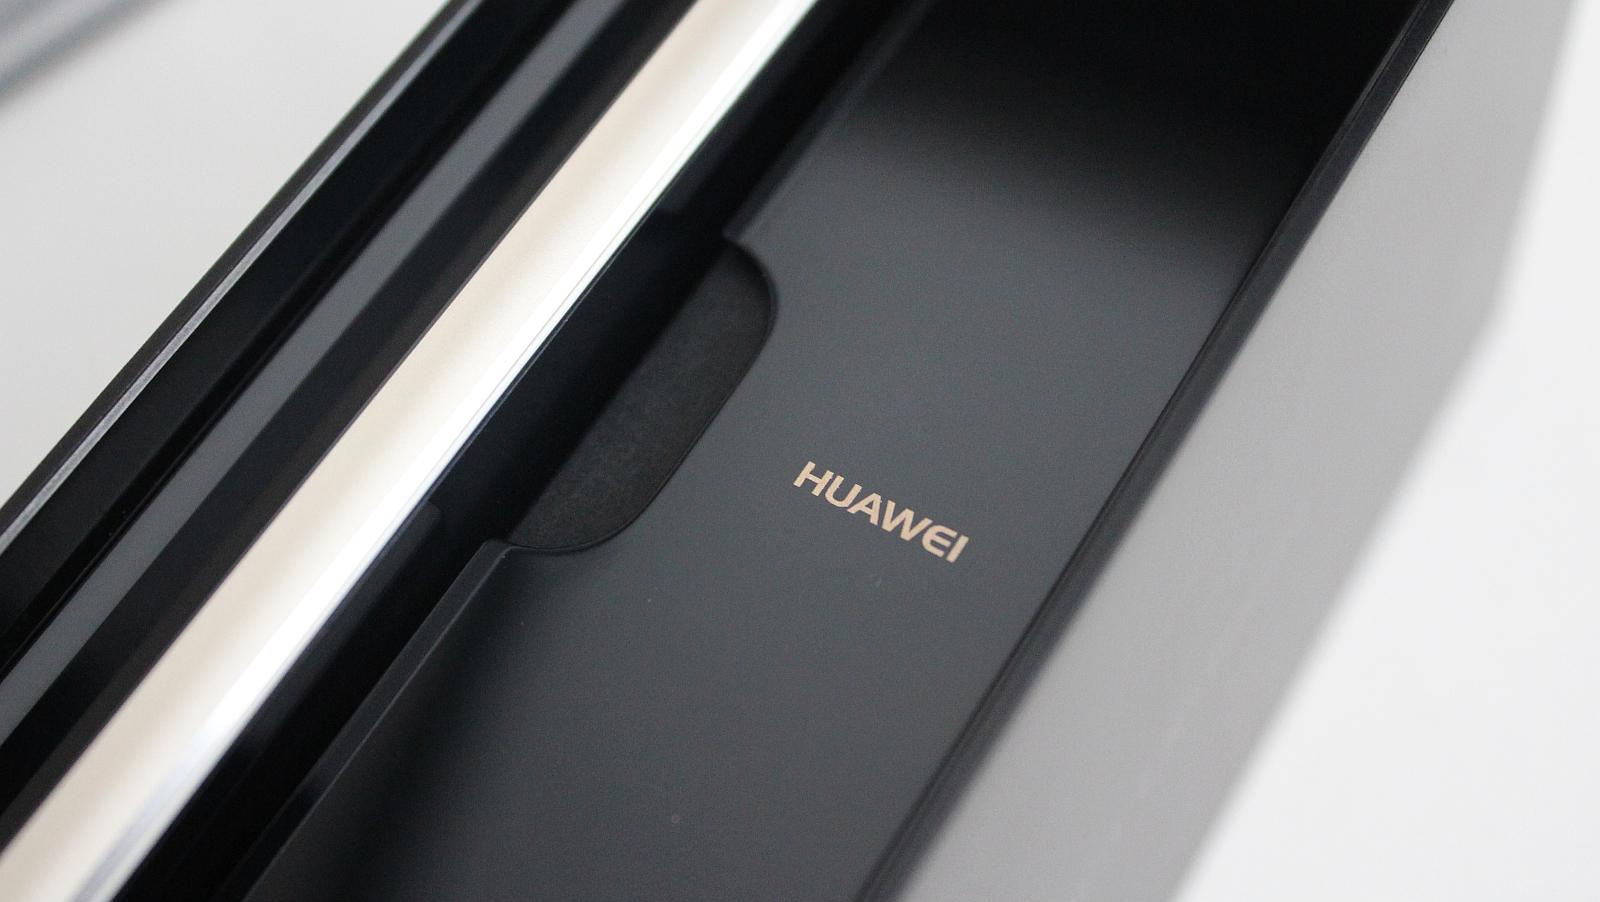 huawei p8 review 2